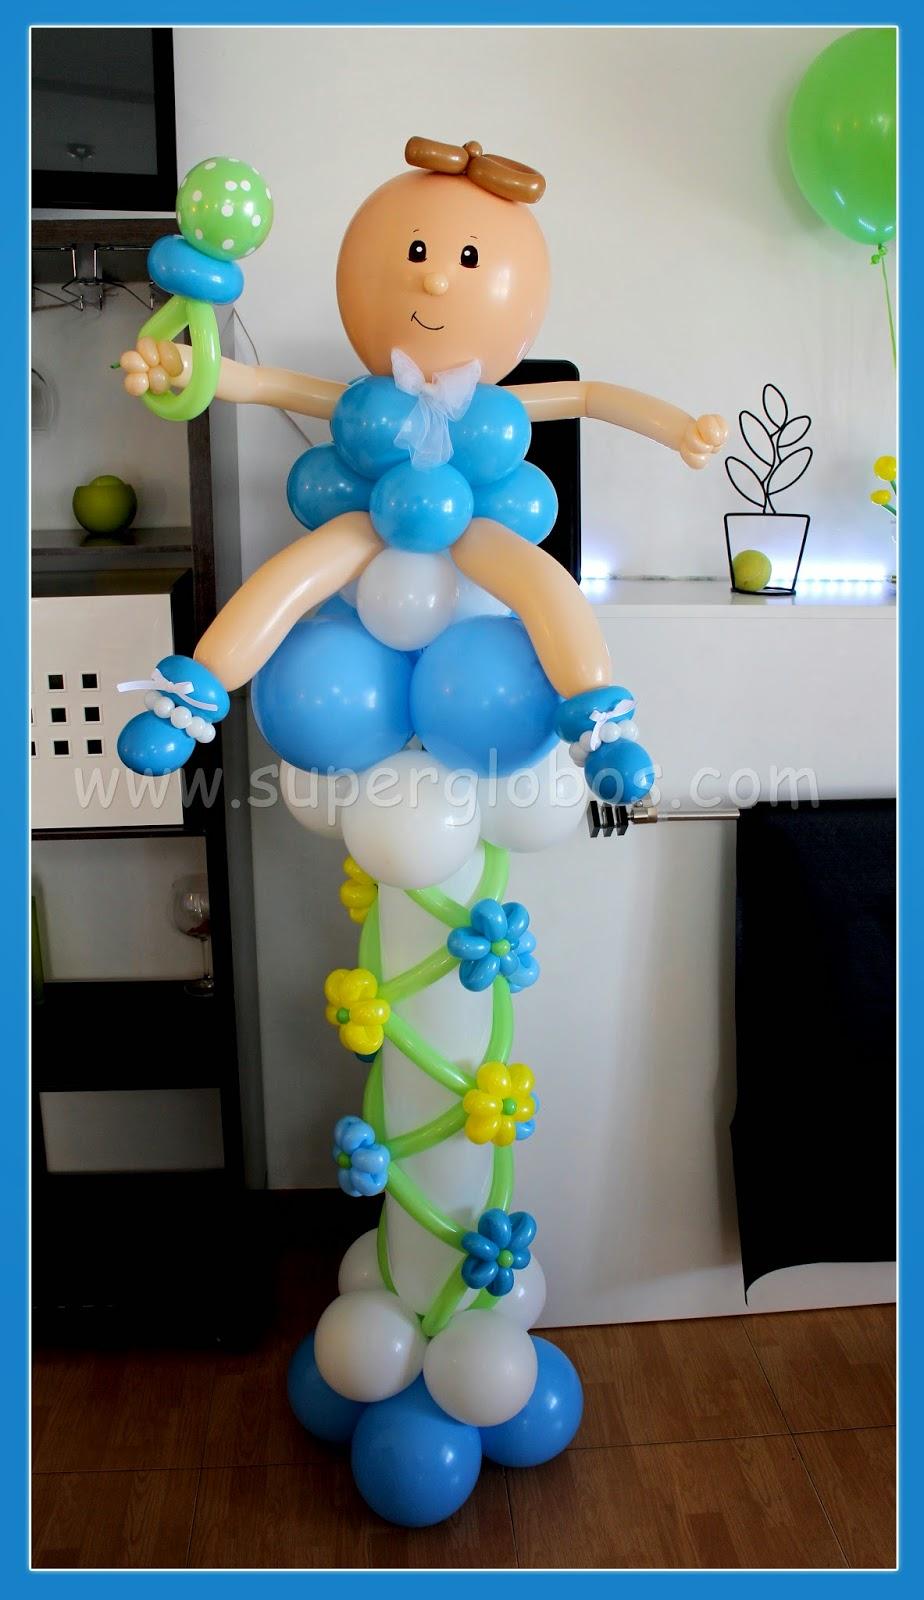 Una decoraci n con globos muy especial para el bautizo de for Decoracion con figuras en la pared